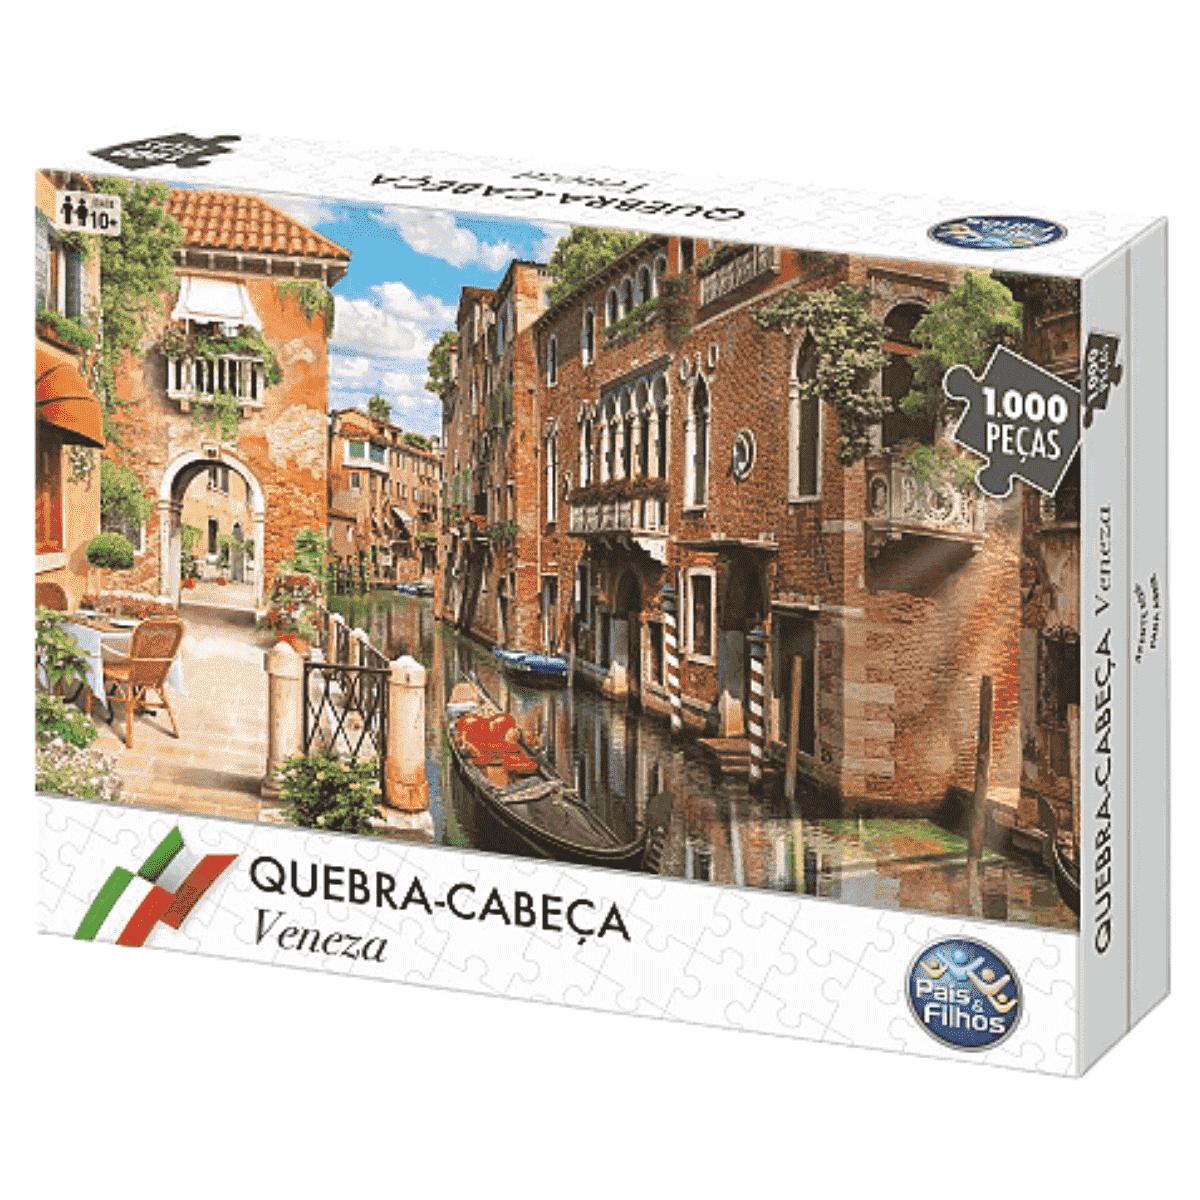 Quebra-cabeça Puzzle Veneza 1000pç - Montar Com Toda Família